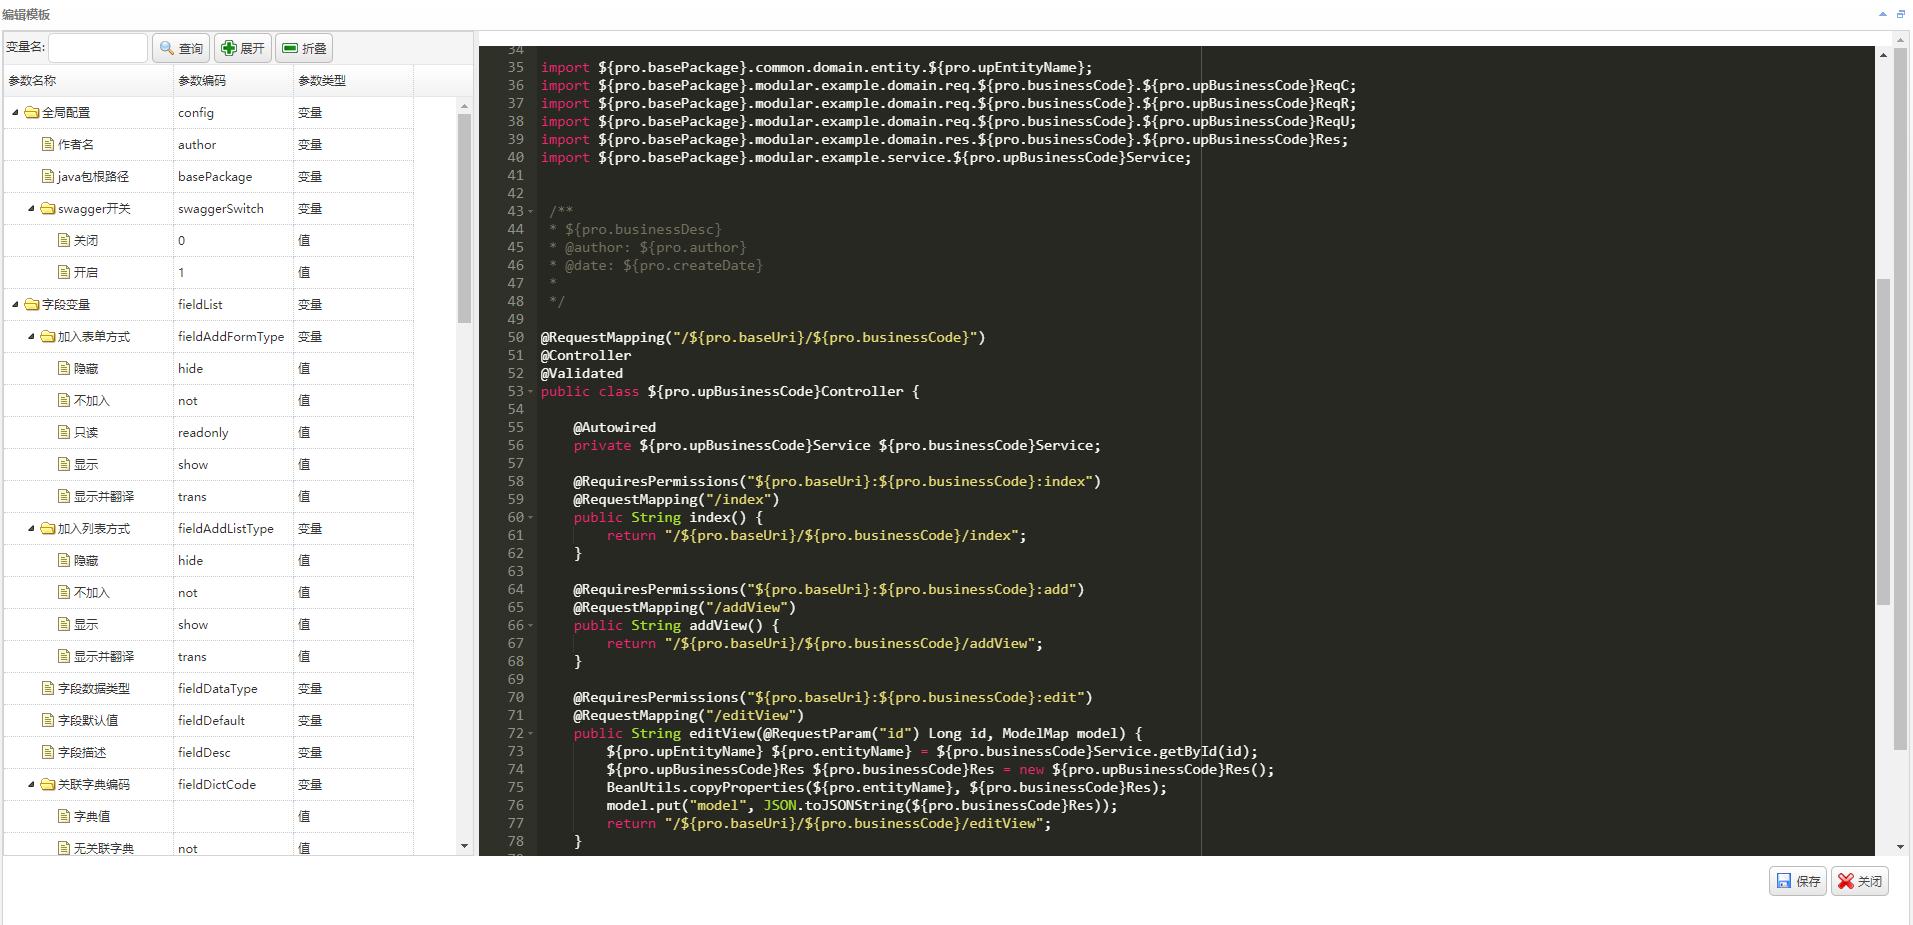 hd-cg輝度通用程式碼生成器